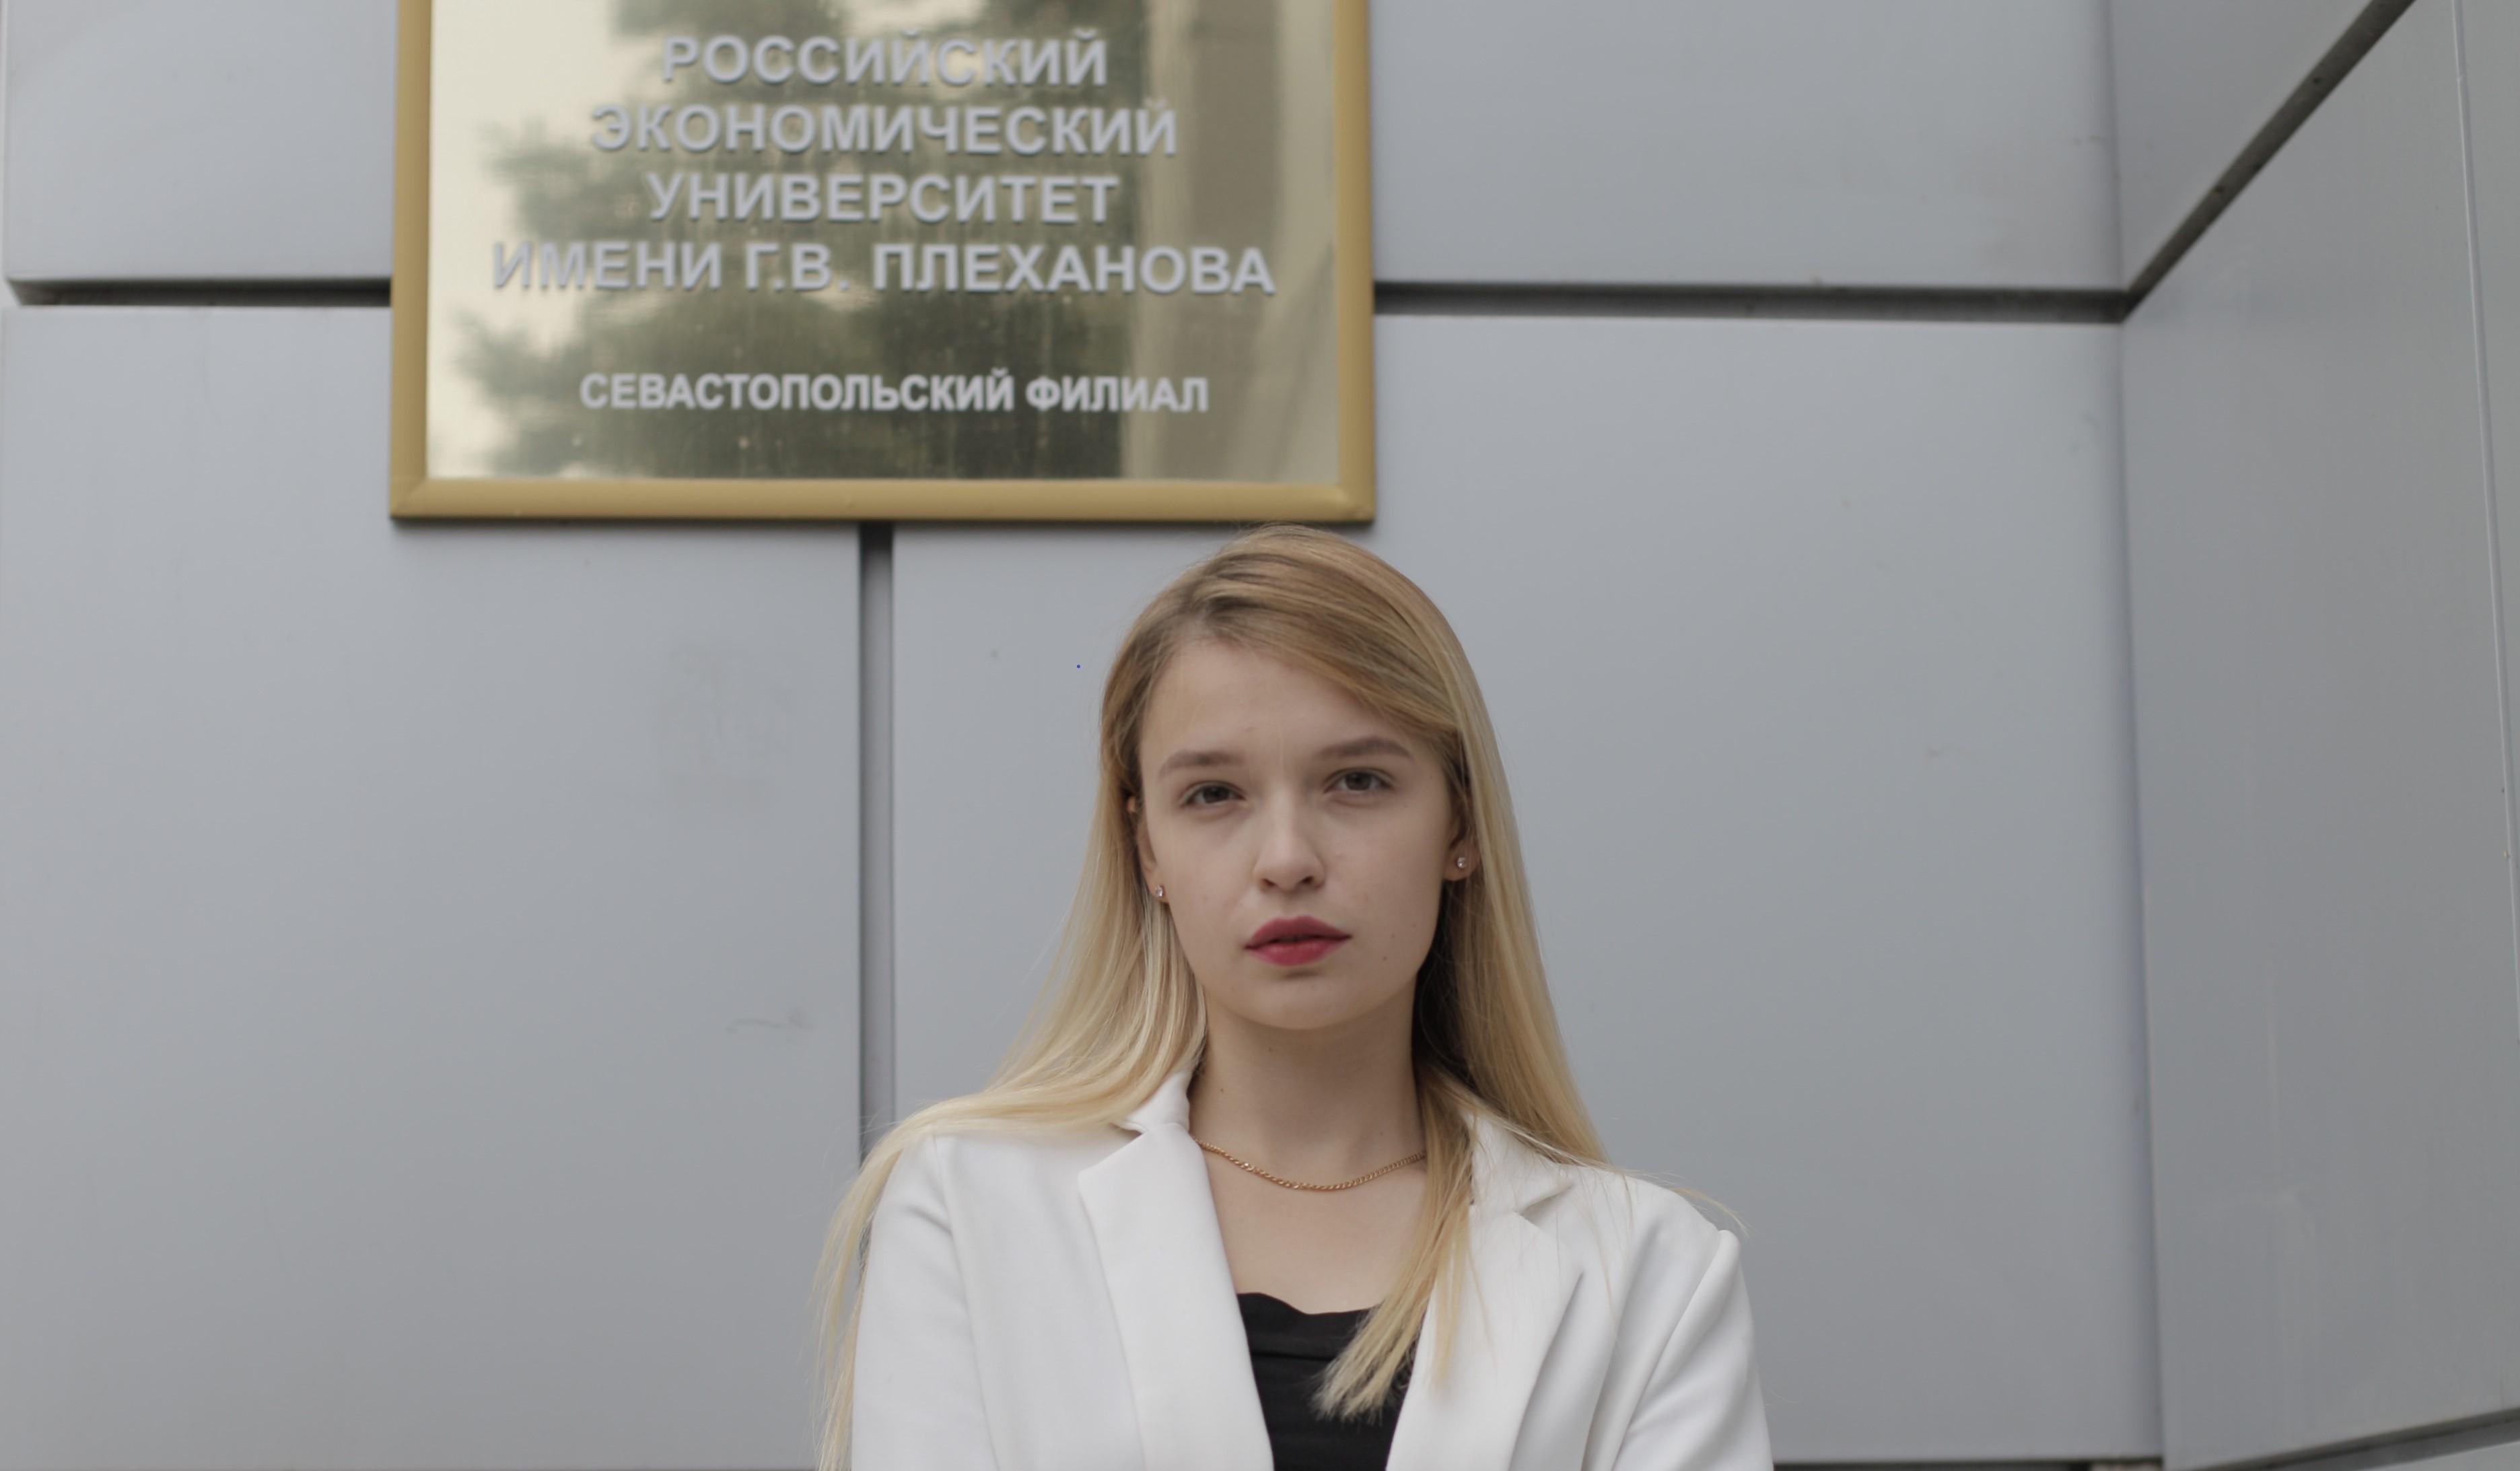 Смирнова Екатерина - руководитель HR сектора.